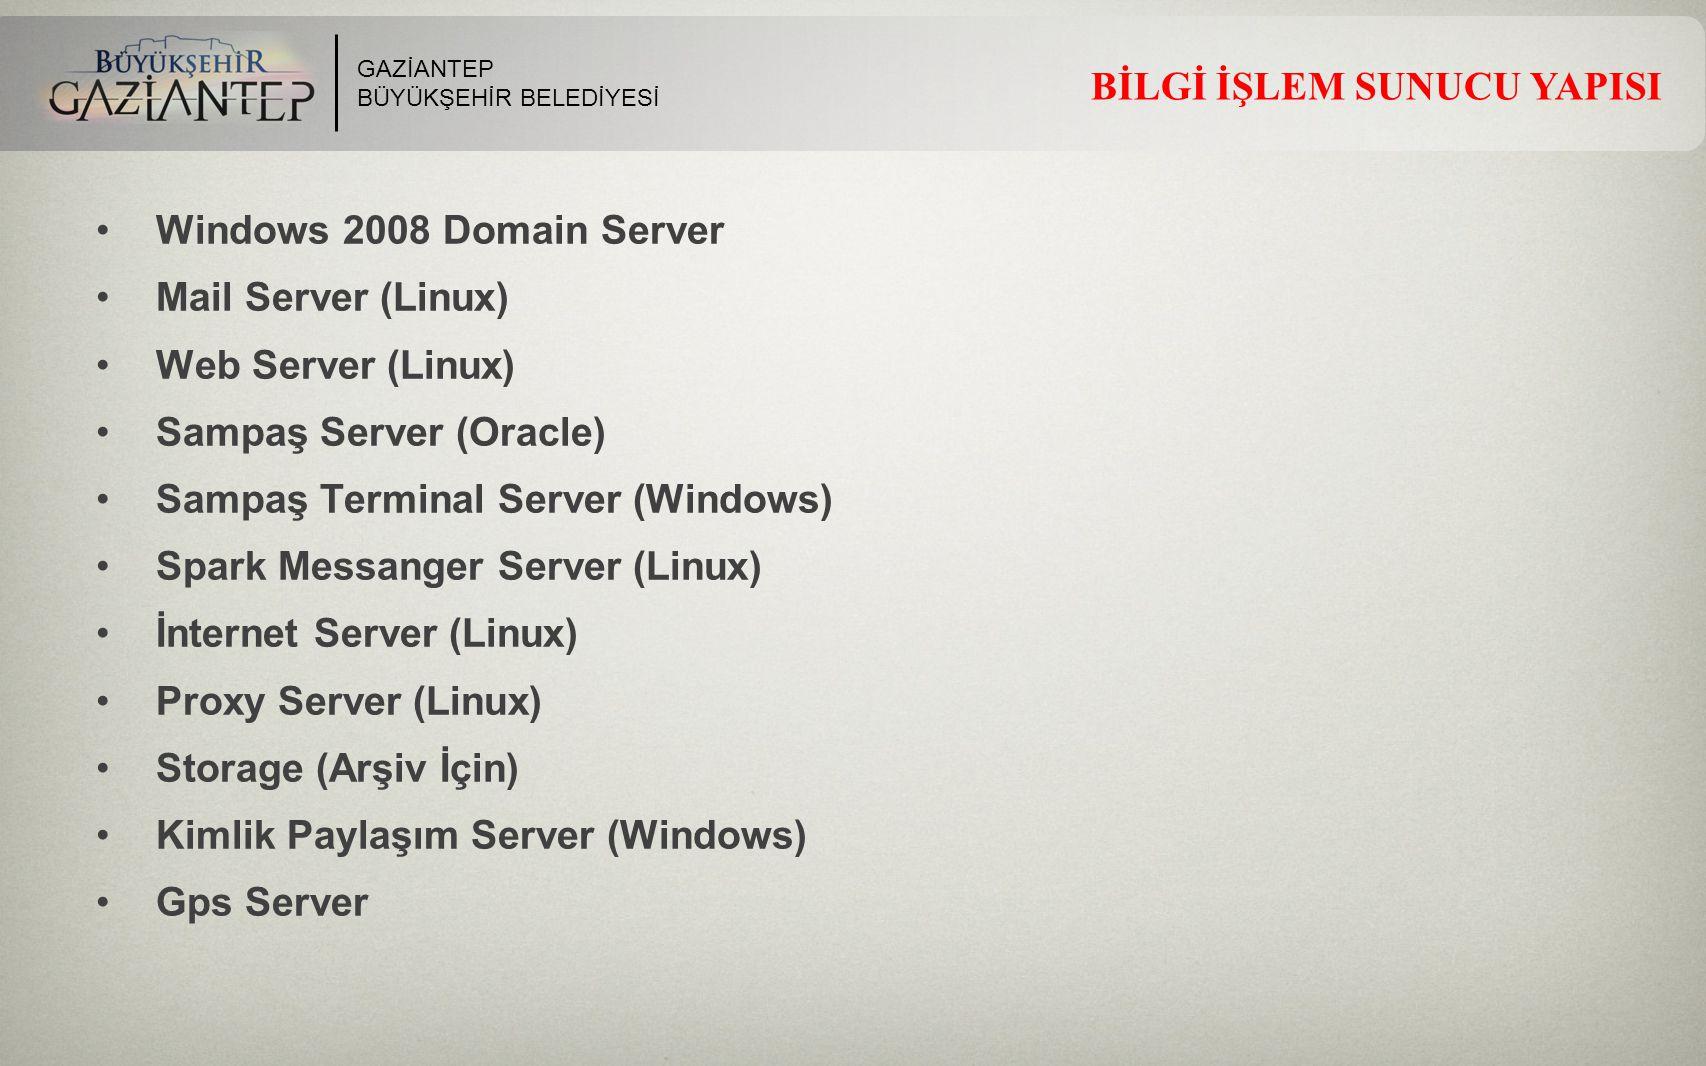 GAZİANTEP BÜYÜKŞEHİR BELEDİYESİ BİLGİ İŞLEM SUNUCU YAPISI Windows 2008 Domain Server Mail Server (Linux) Web Server (Linux) Sampaş Server (Oracle) Sam